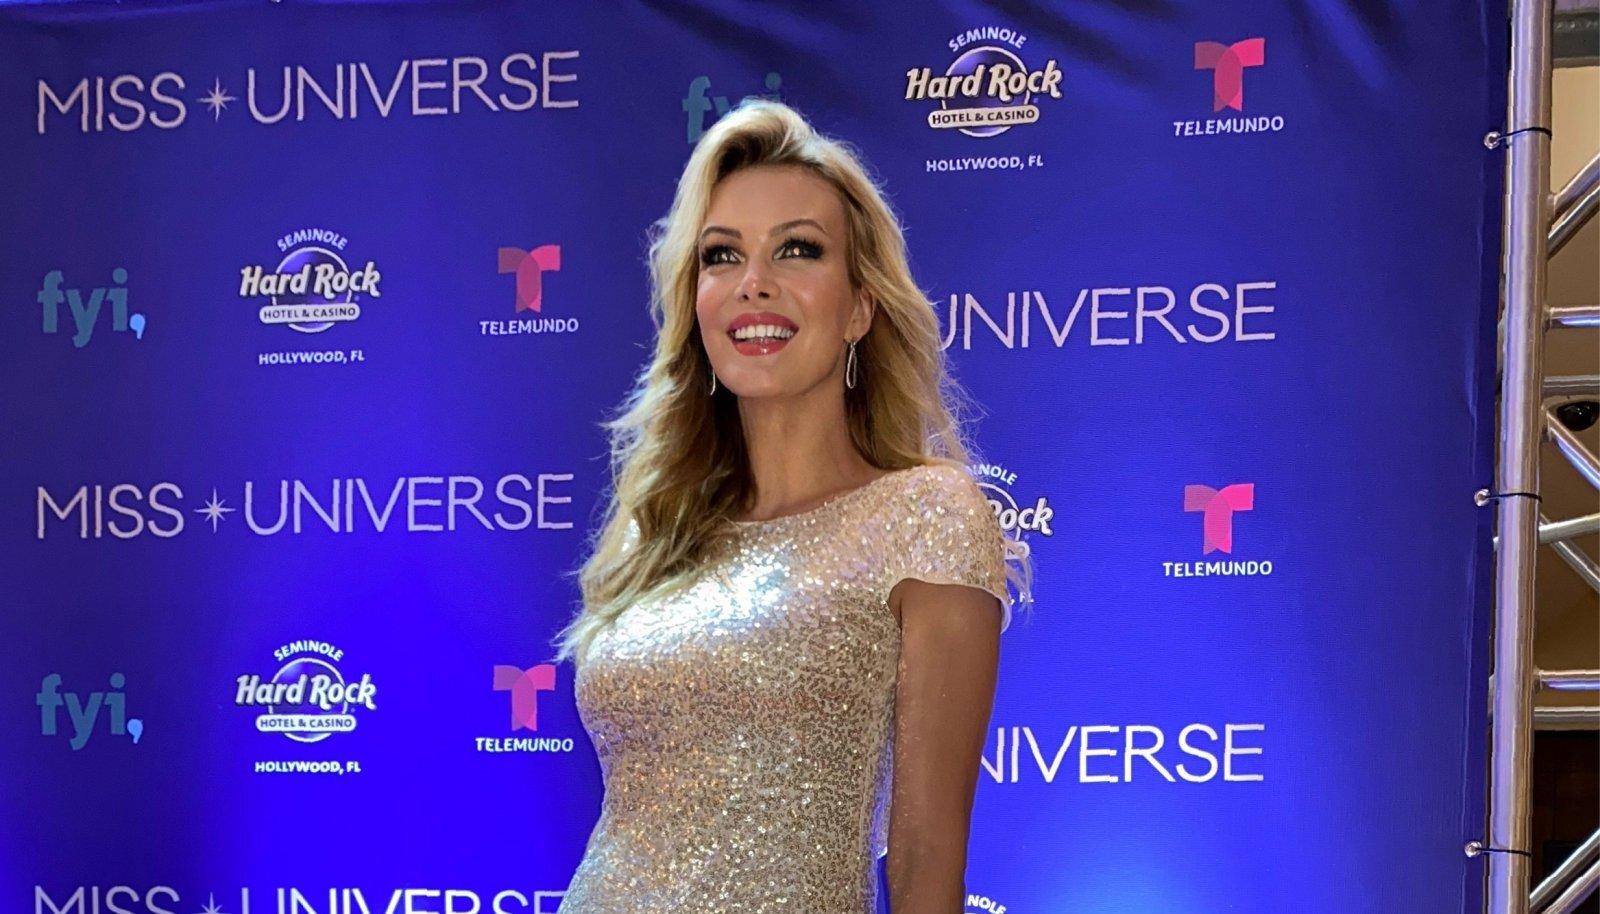 Eha Urbsalu Miss Universumi finaalvõisltusel 16. mail 2021, mil ta tähistas oma 50 aasta juubelit.